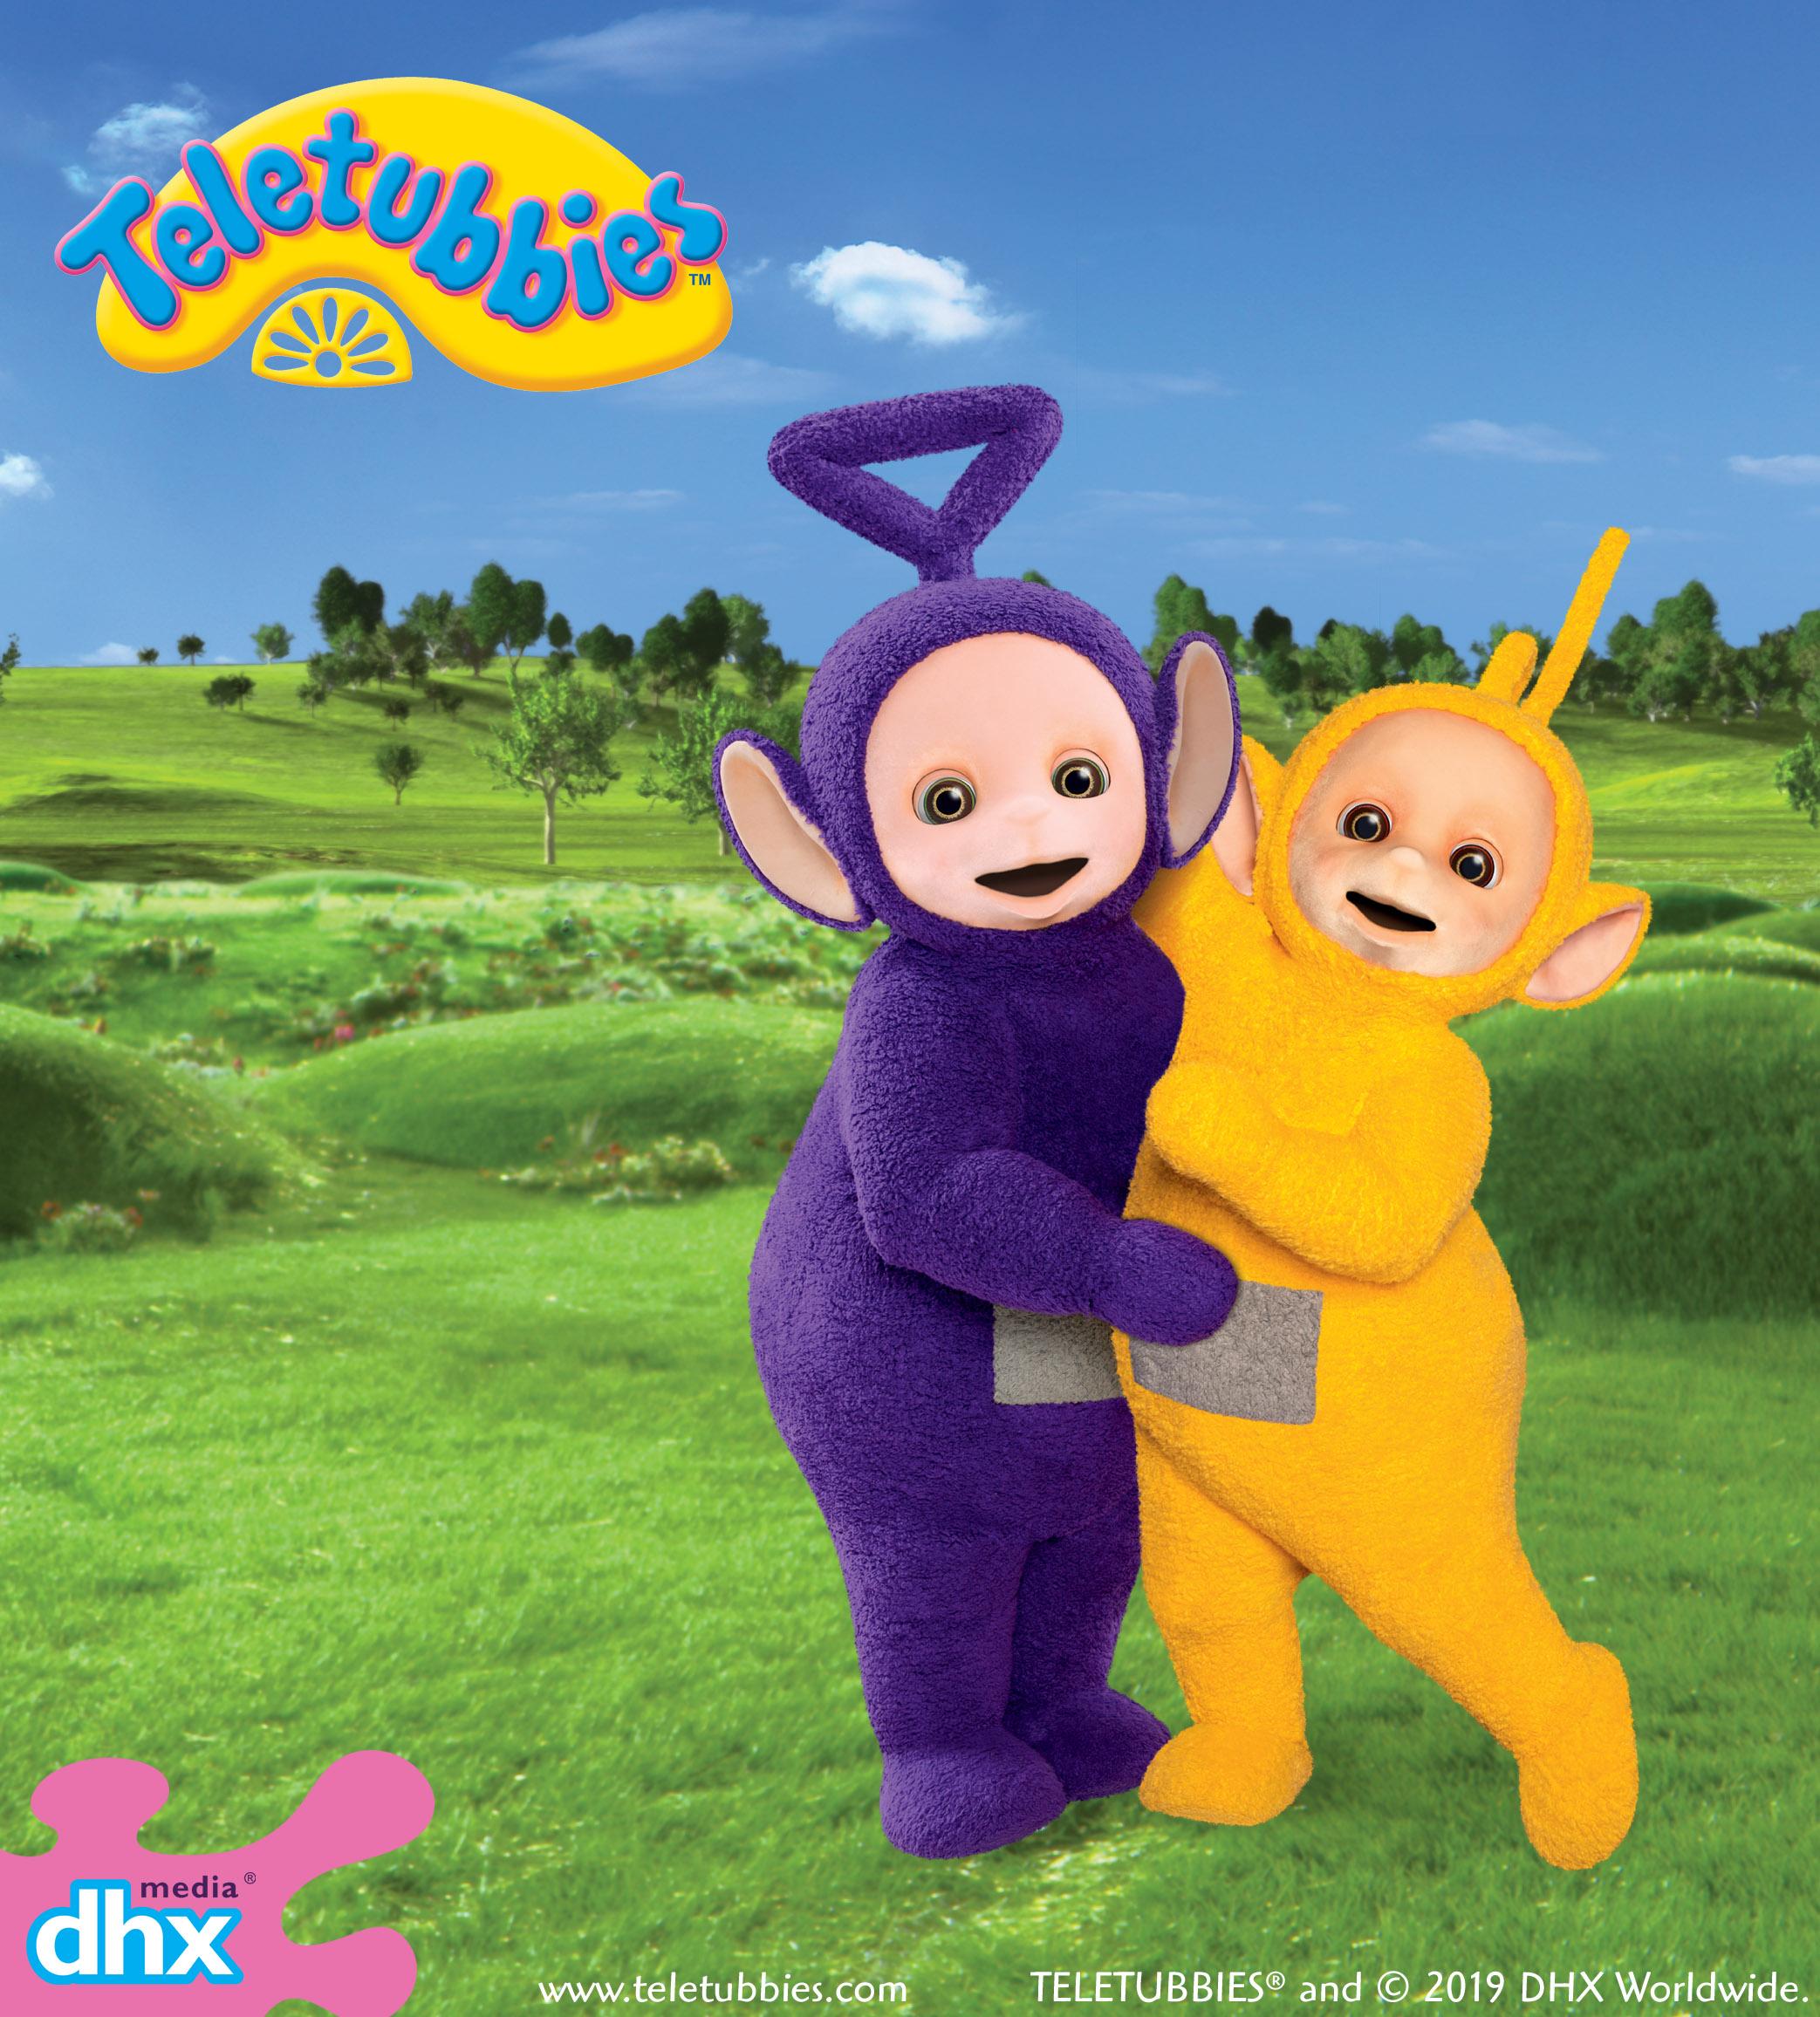 Laa Laa: Tinky Winky And Laa-Laa From The Teletubies